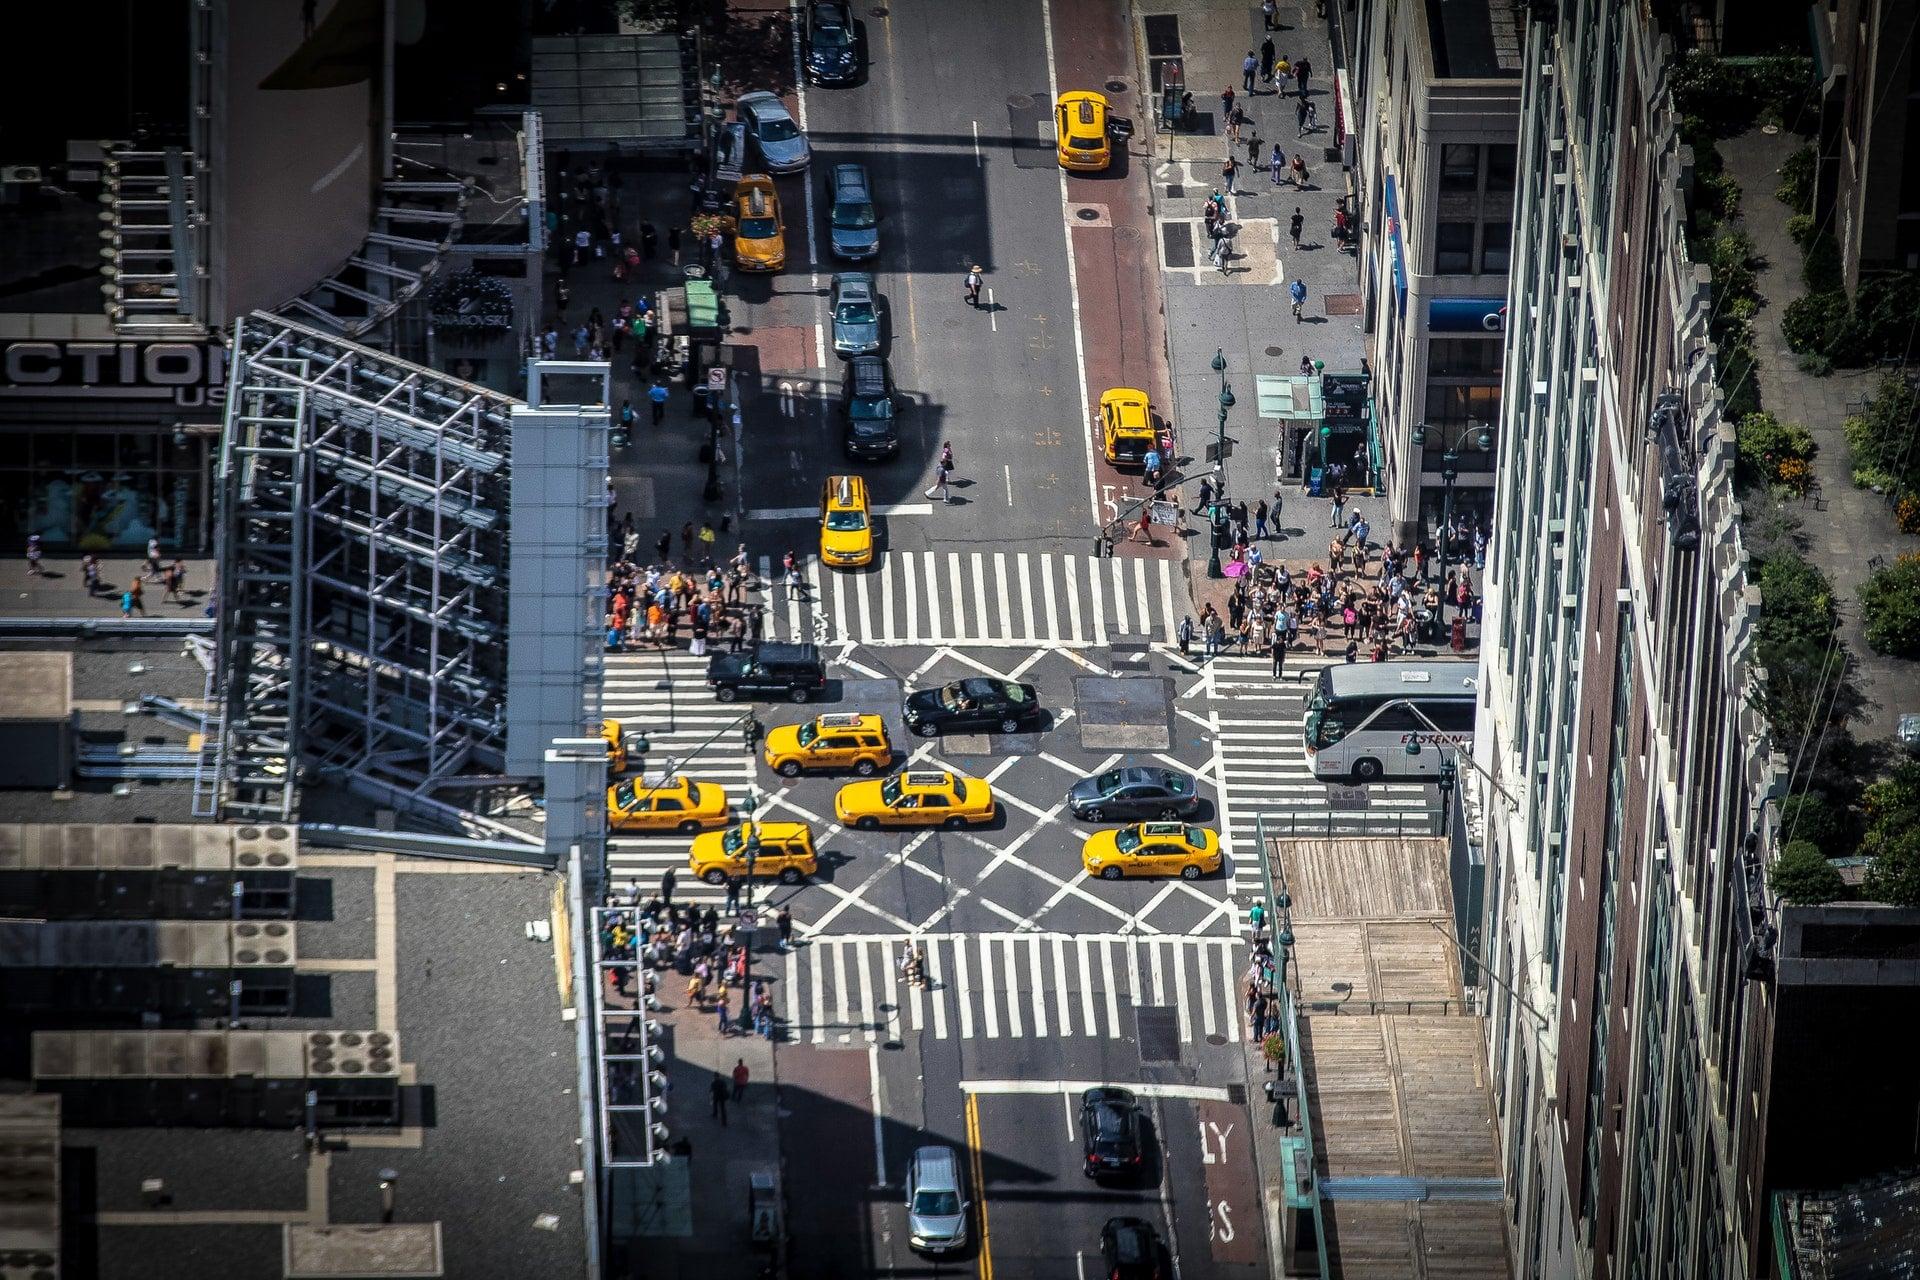 買二手中古車除了小心公司租貸車、計程車,還要注意第3種車 buildings cars city cityscape city vehicles street taxi cab